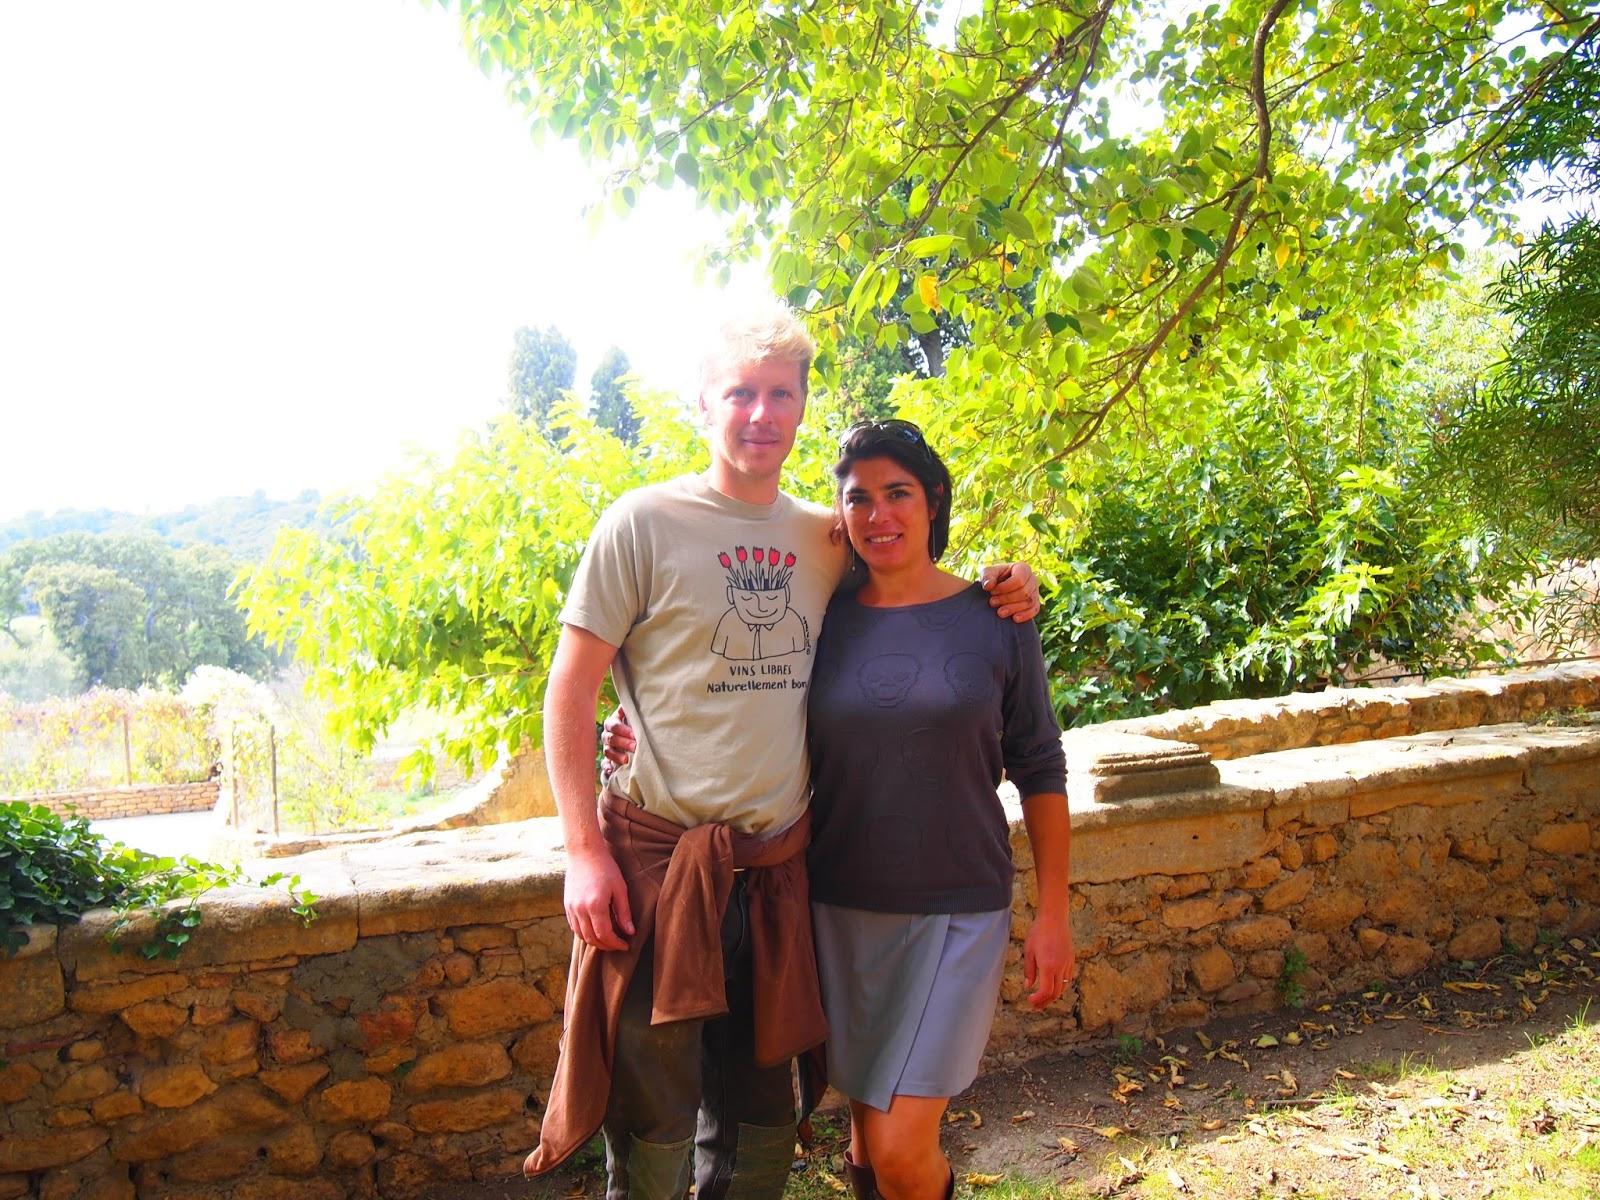 フランスで自転車をしていた奥様KarinaとGuillaume